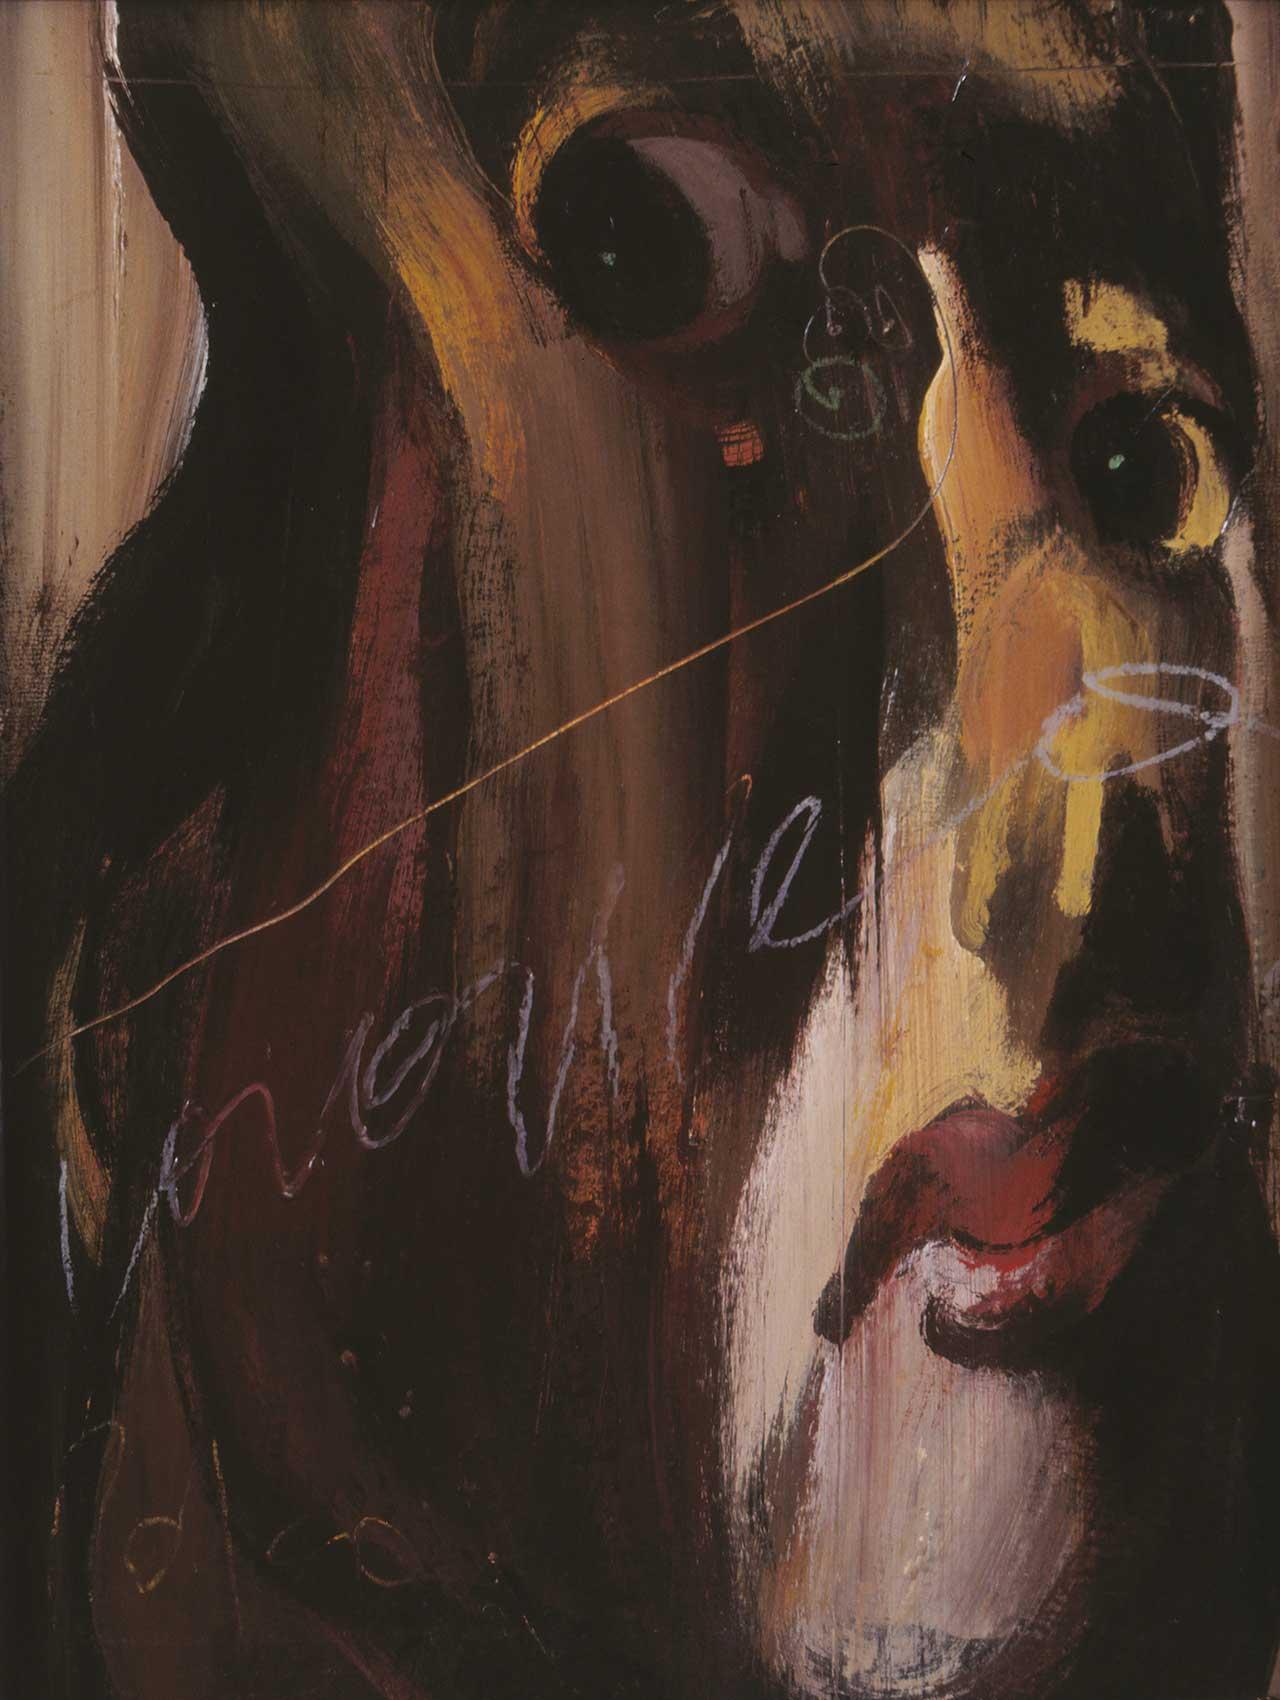 Προσωπογραφία κυρίας, 1981, λάδι σε ξύλο, 40x30 εκ.